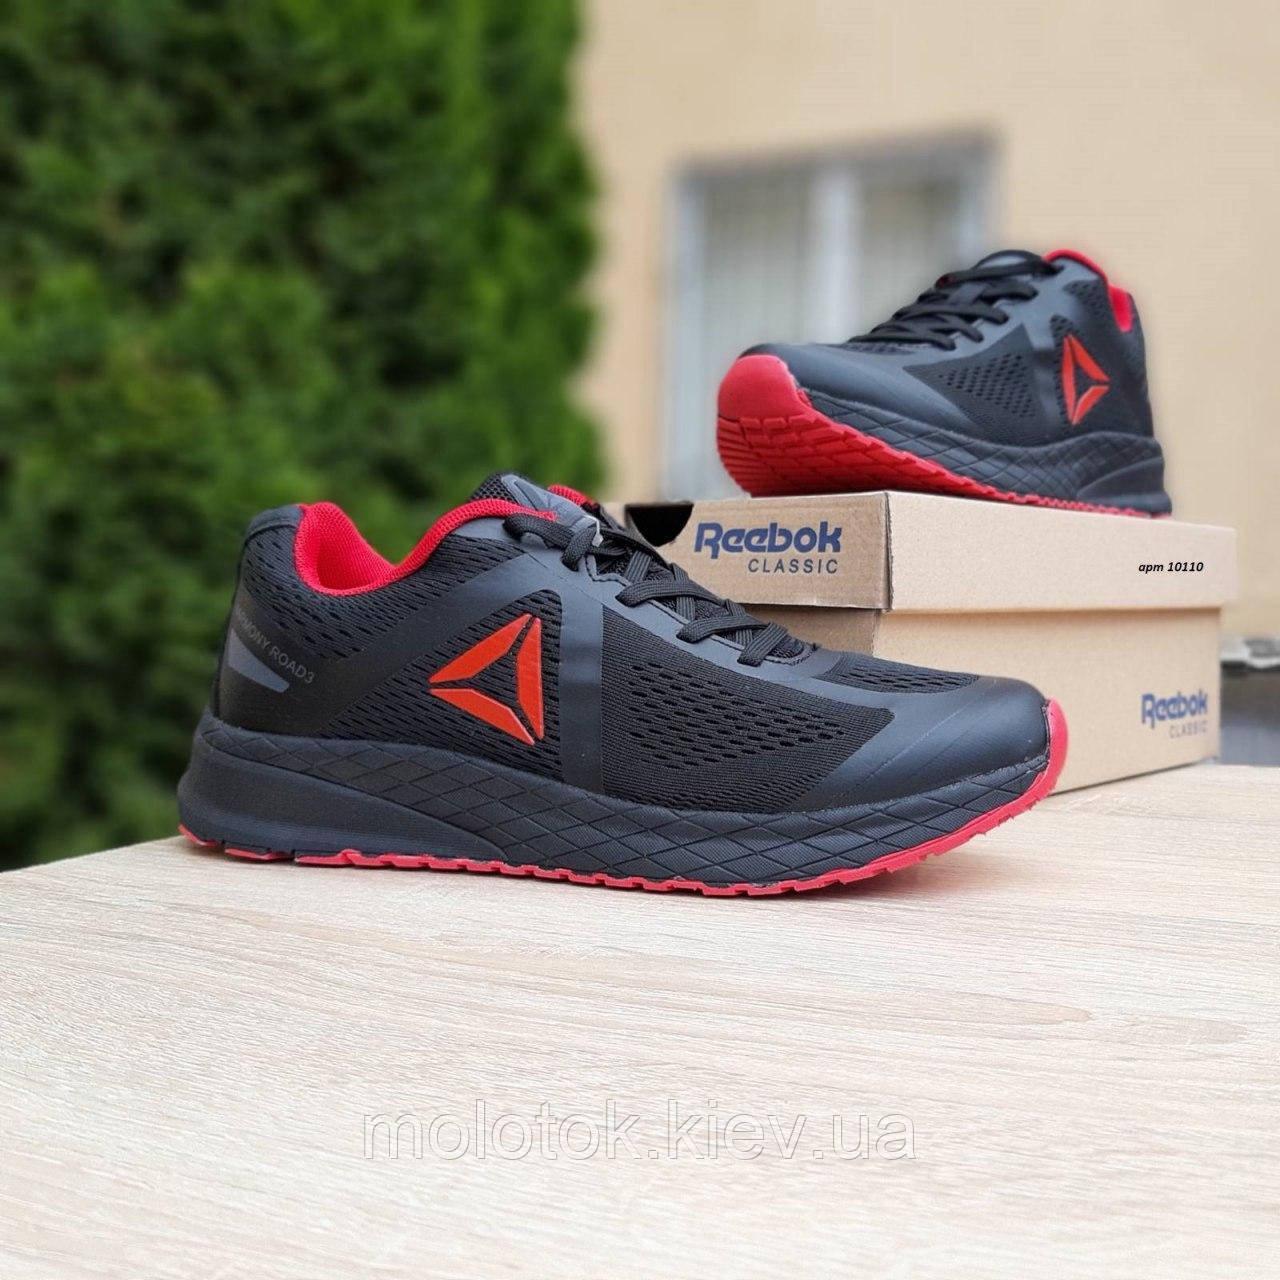 Мужские кроссовки в стиле Reebok Harmony Road 3 чёрные с красным